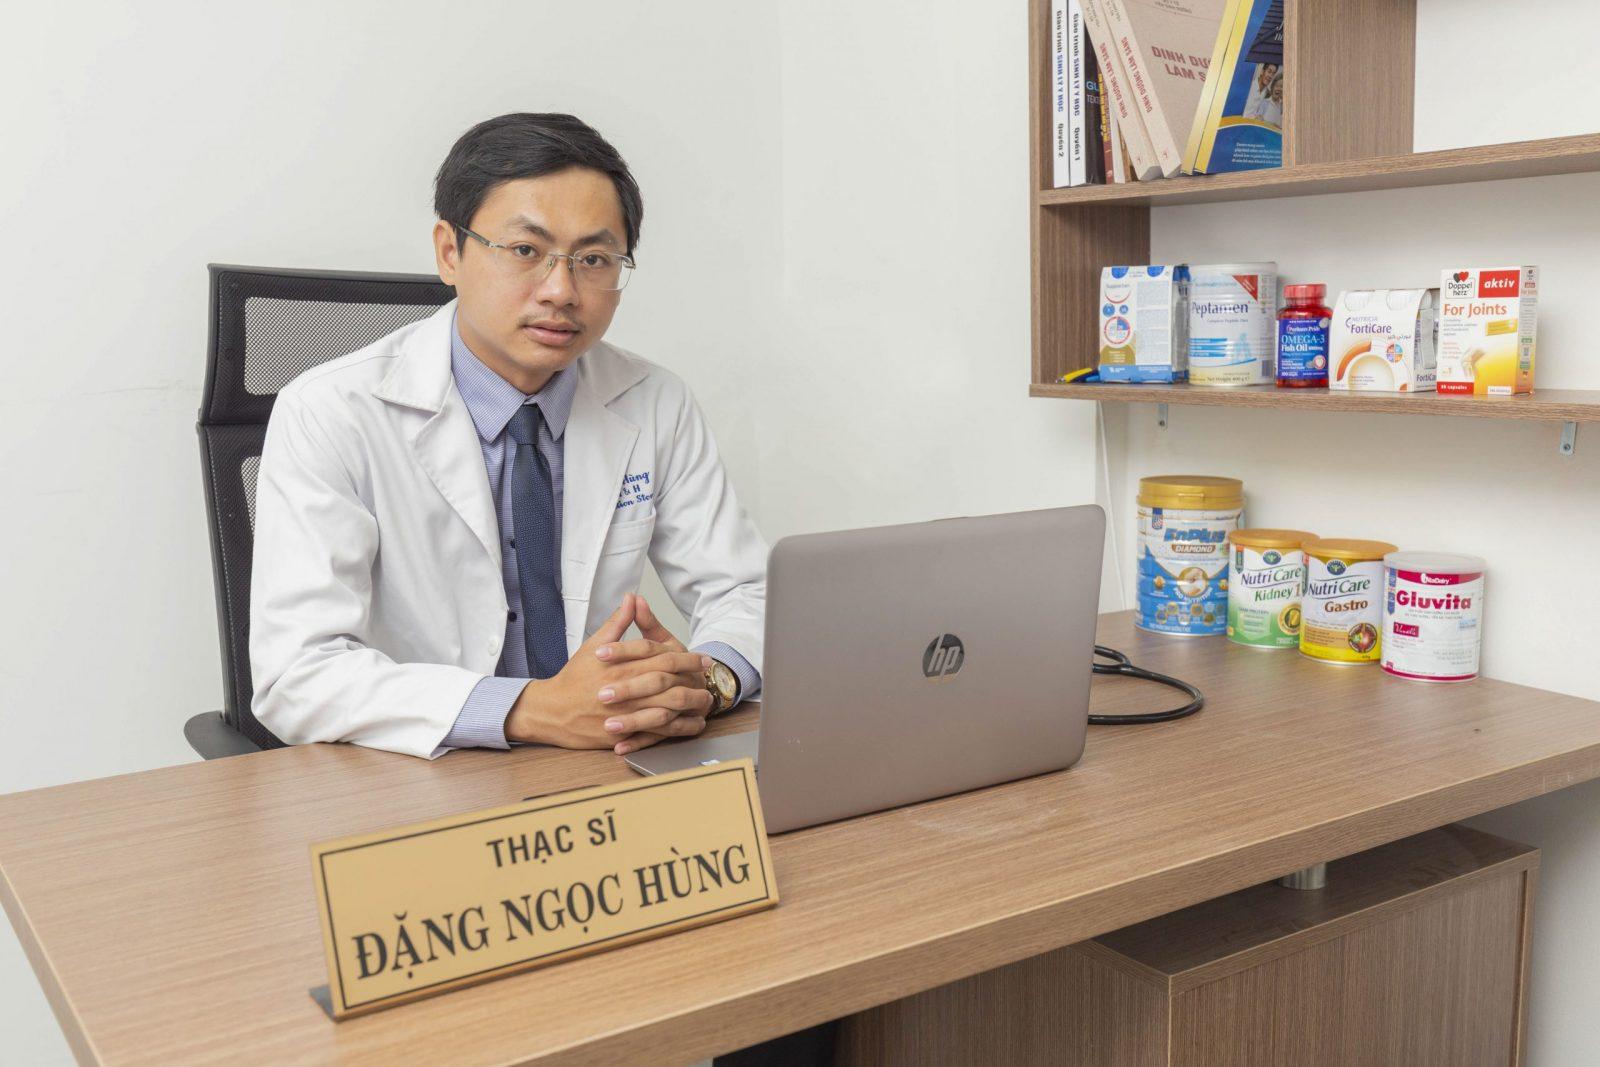 Ths. Đặng Ngọc Hùng - Chuyên gia dinh dưỡng tại H&H Nutrition